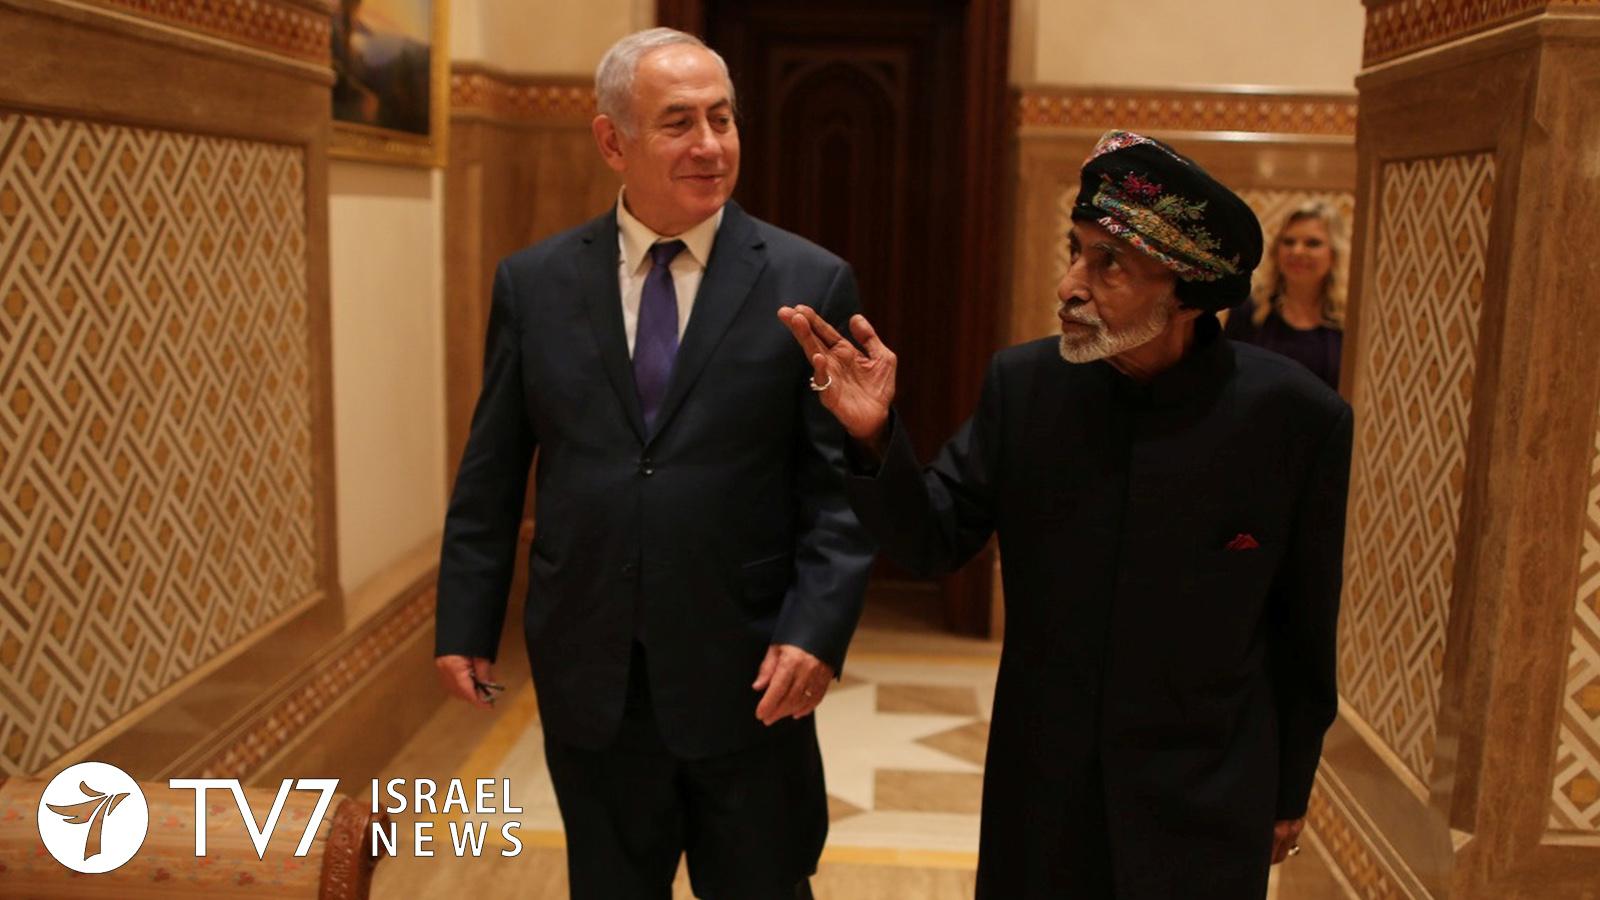 Israel Prime Minister Benjamin Netanyahu visit Oman